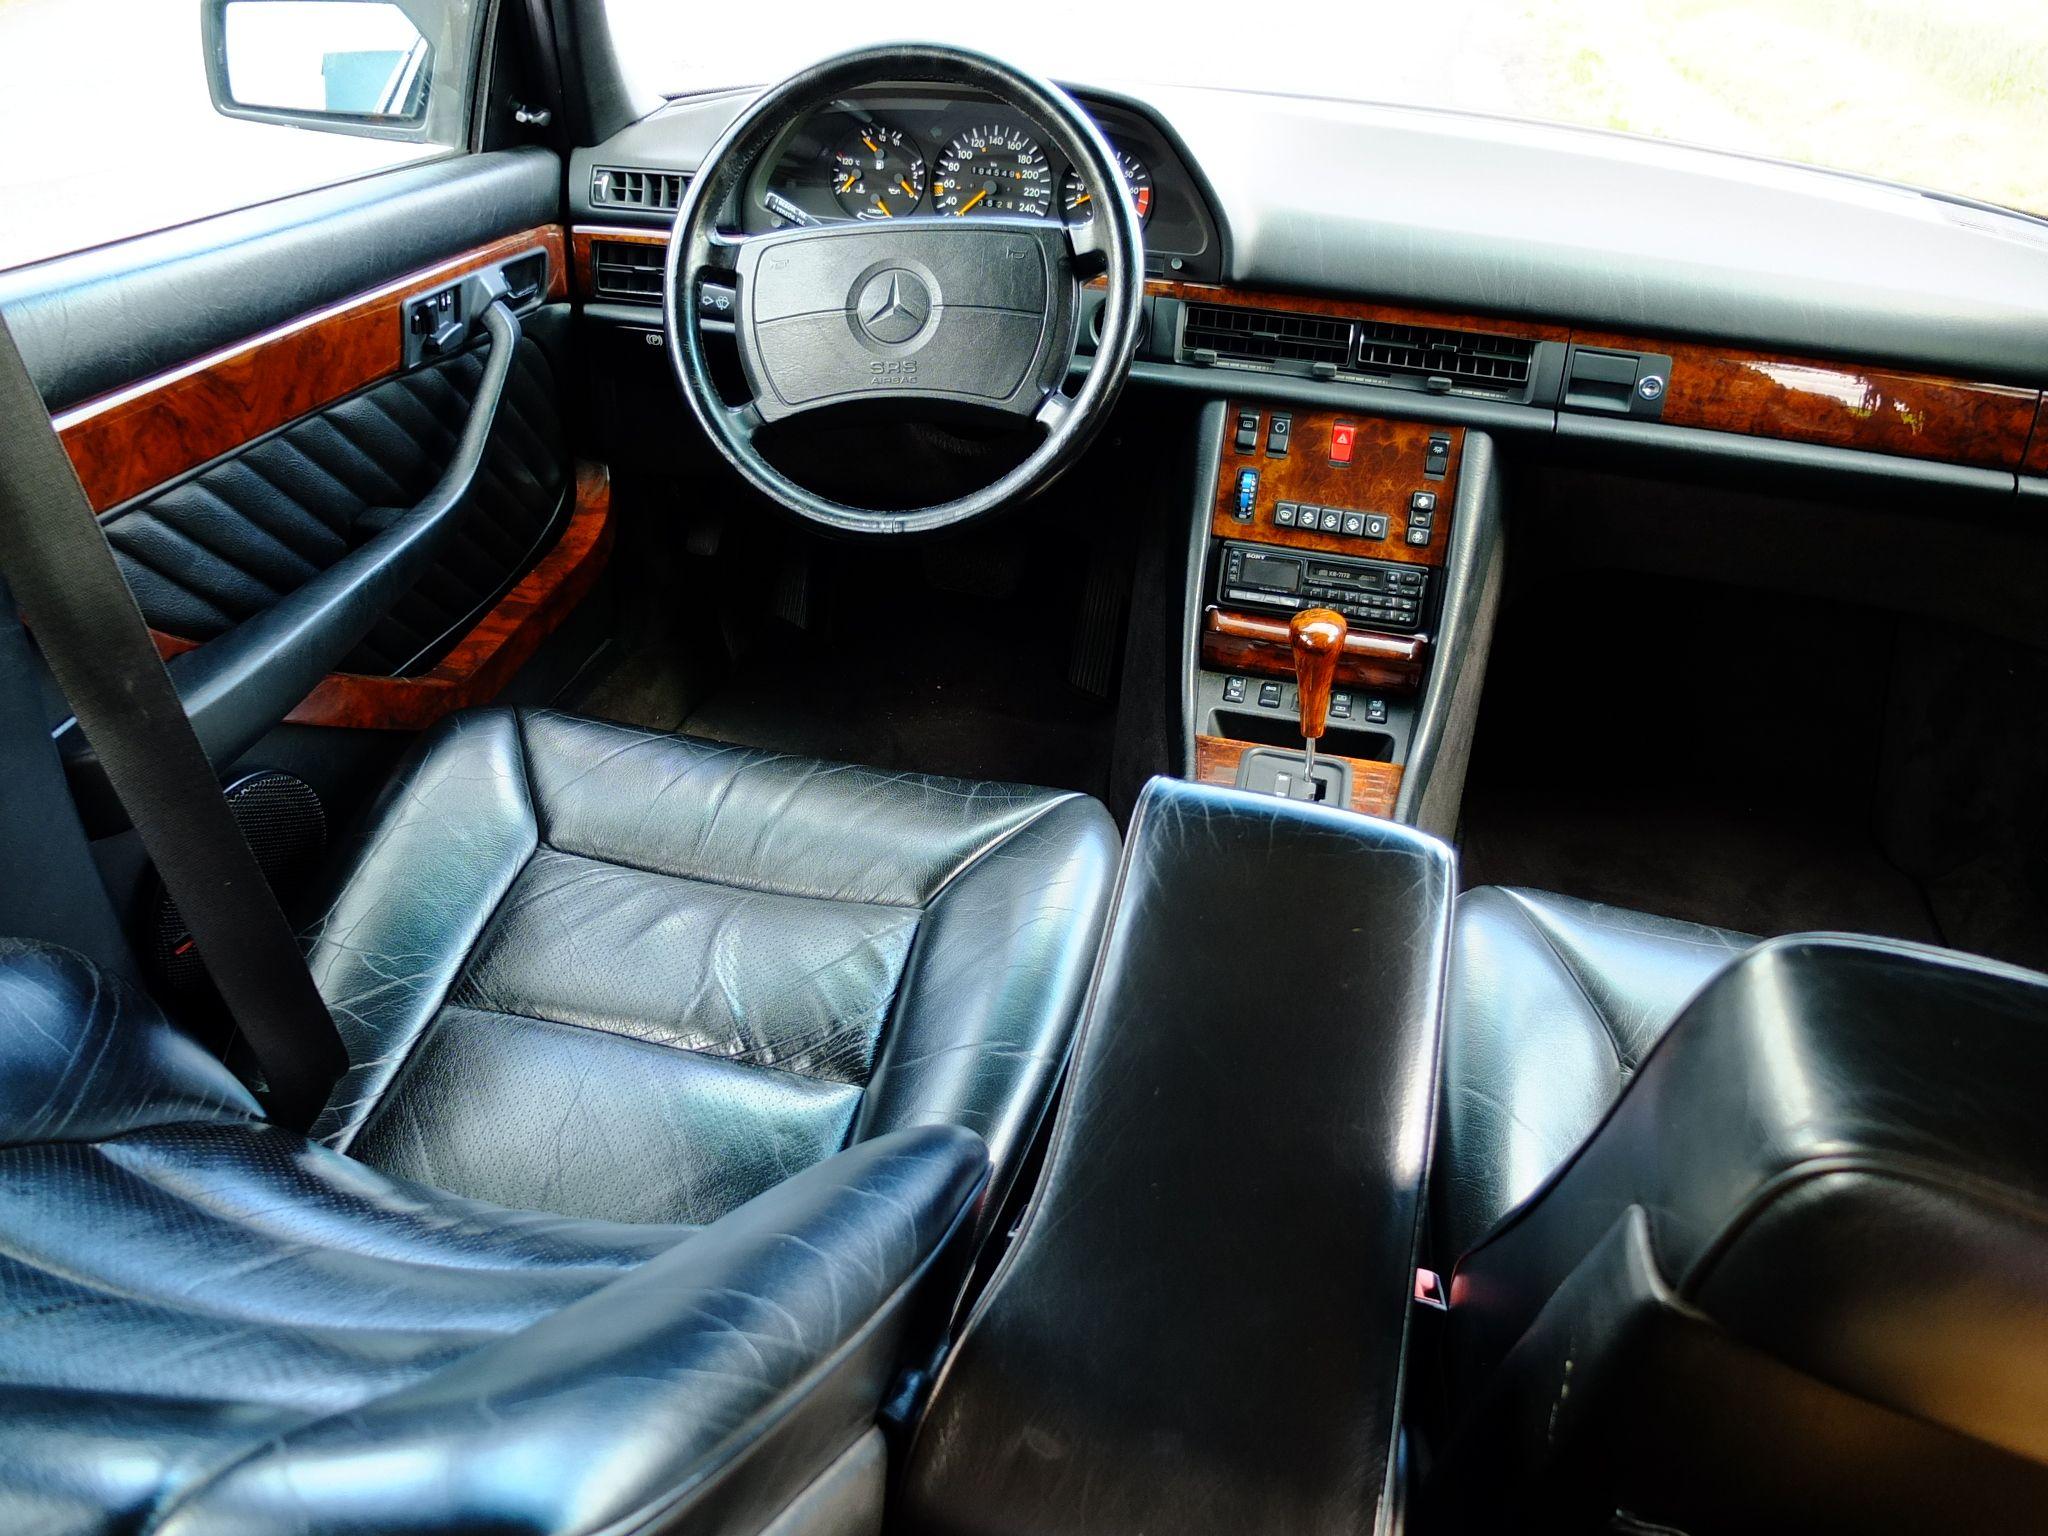 mercedes benz 560 sel interior mercedes 560 sel pinterest bielefeld mercedes benz and benz. Black Bedroom Furniture Sets. Home Design Ideas